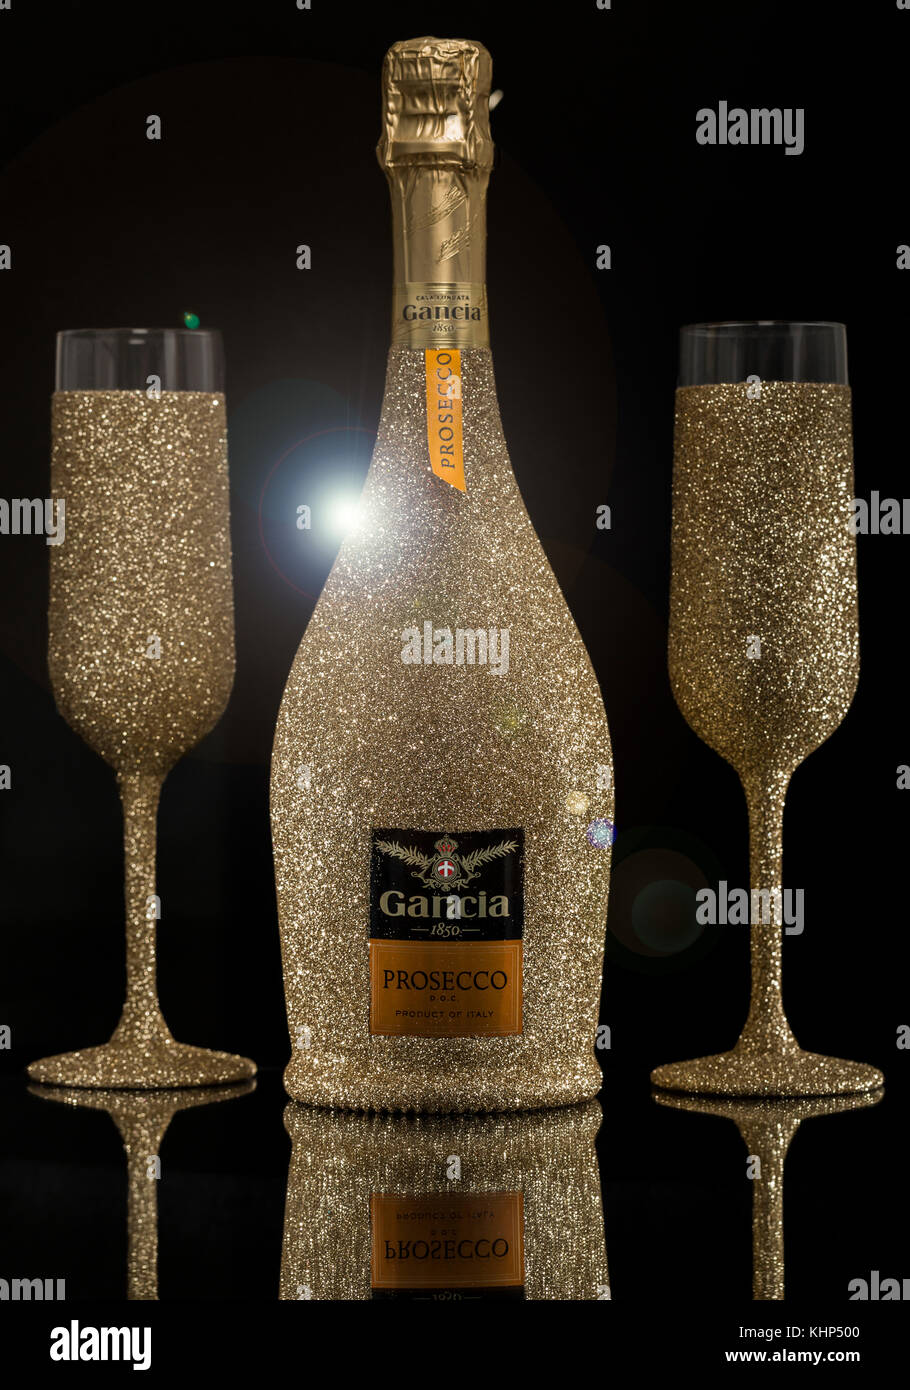 Oro scintillanti glitter spruzzato bottiglia di prosecco e champagne flute occhiali con lens flare, gancia prosecco Immagini Stock